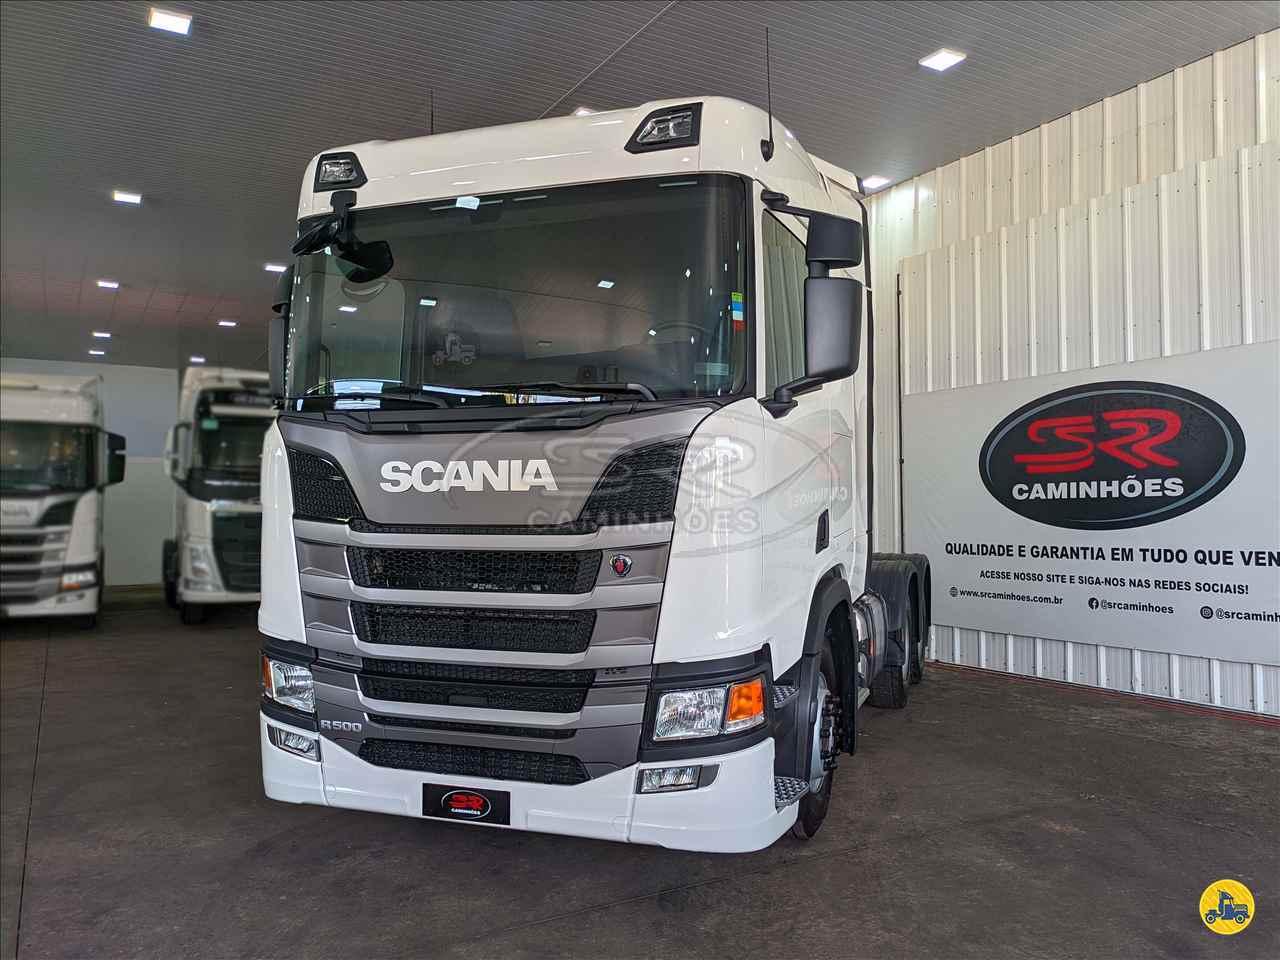 SCANIA 500 de S R Caminhões - LUCAS DO RIO VERDE/MT